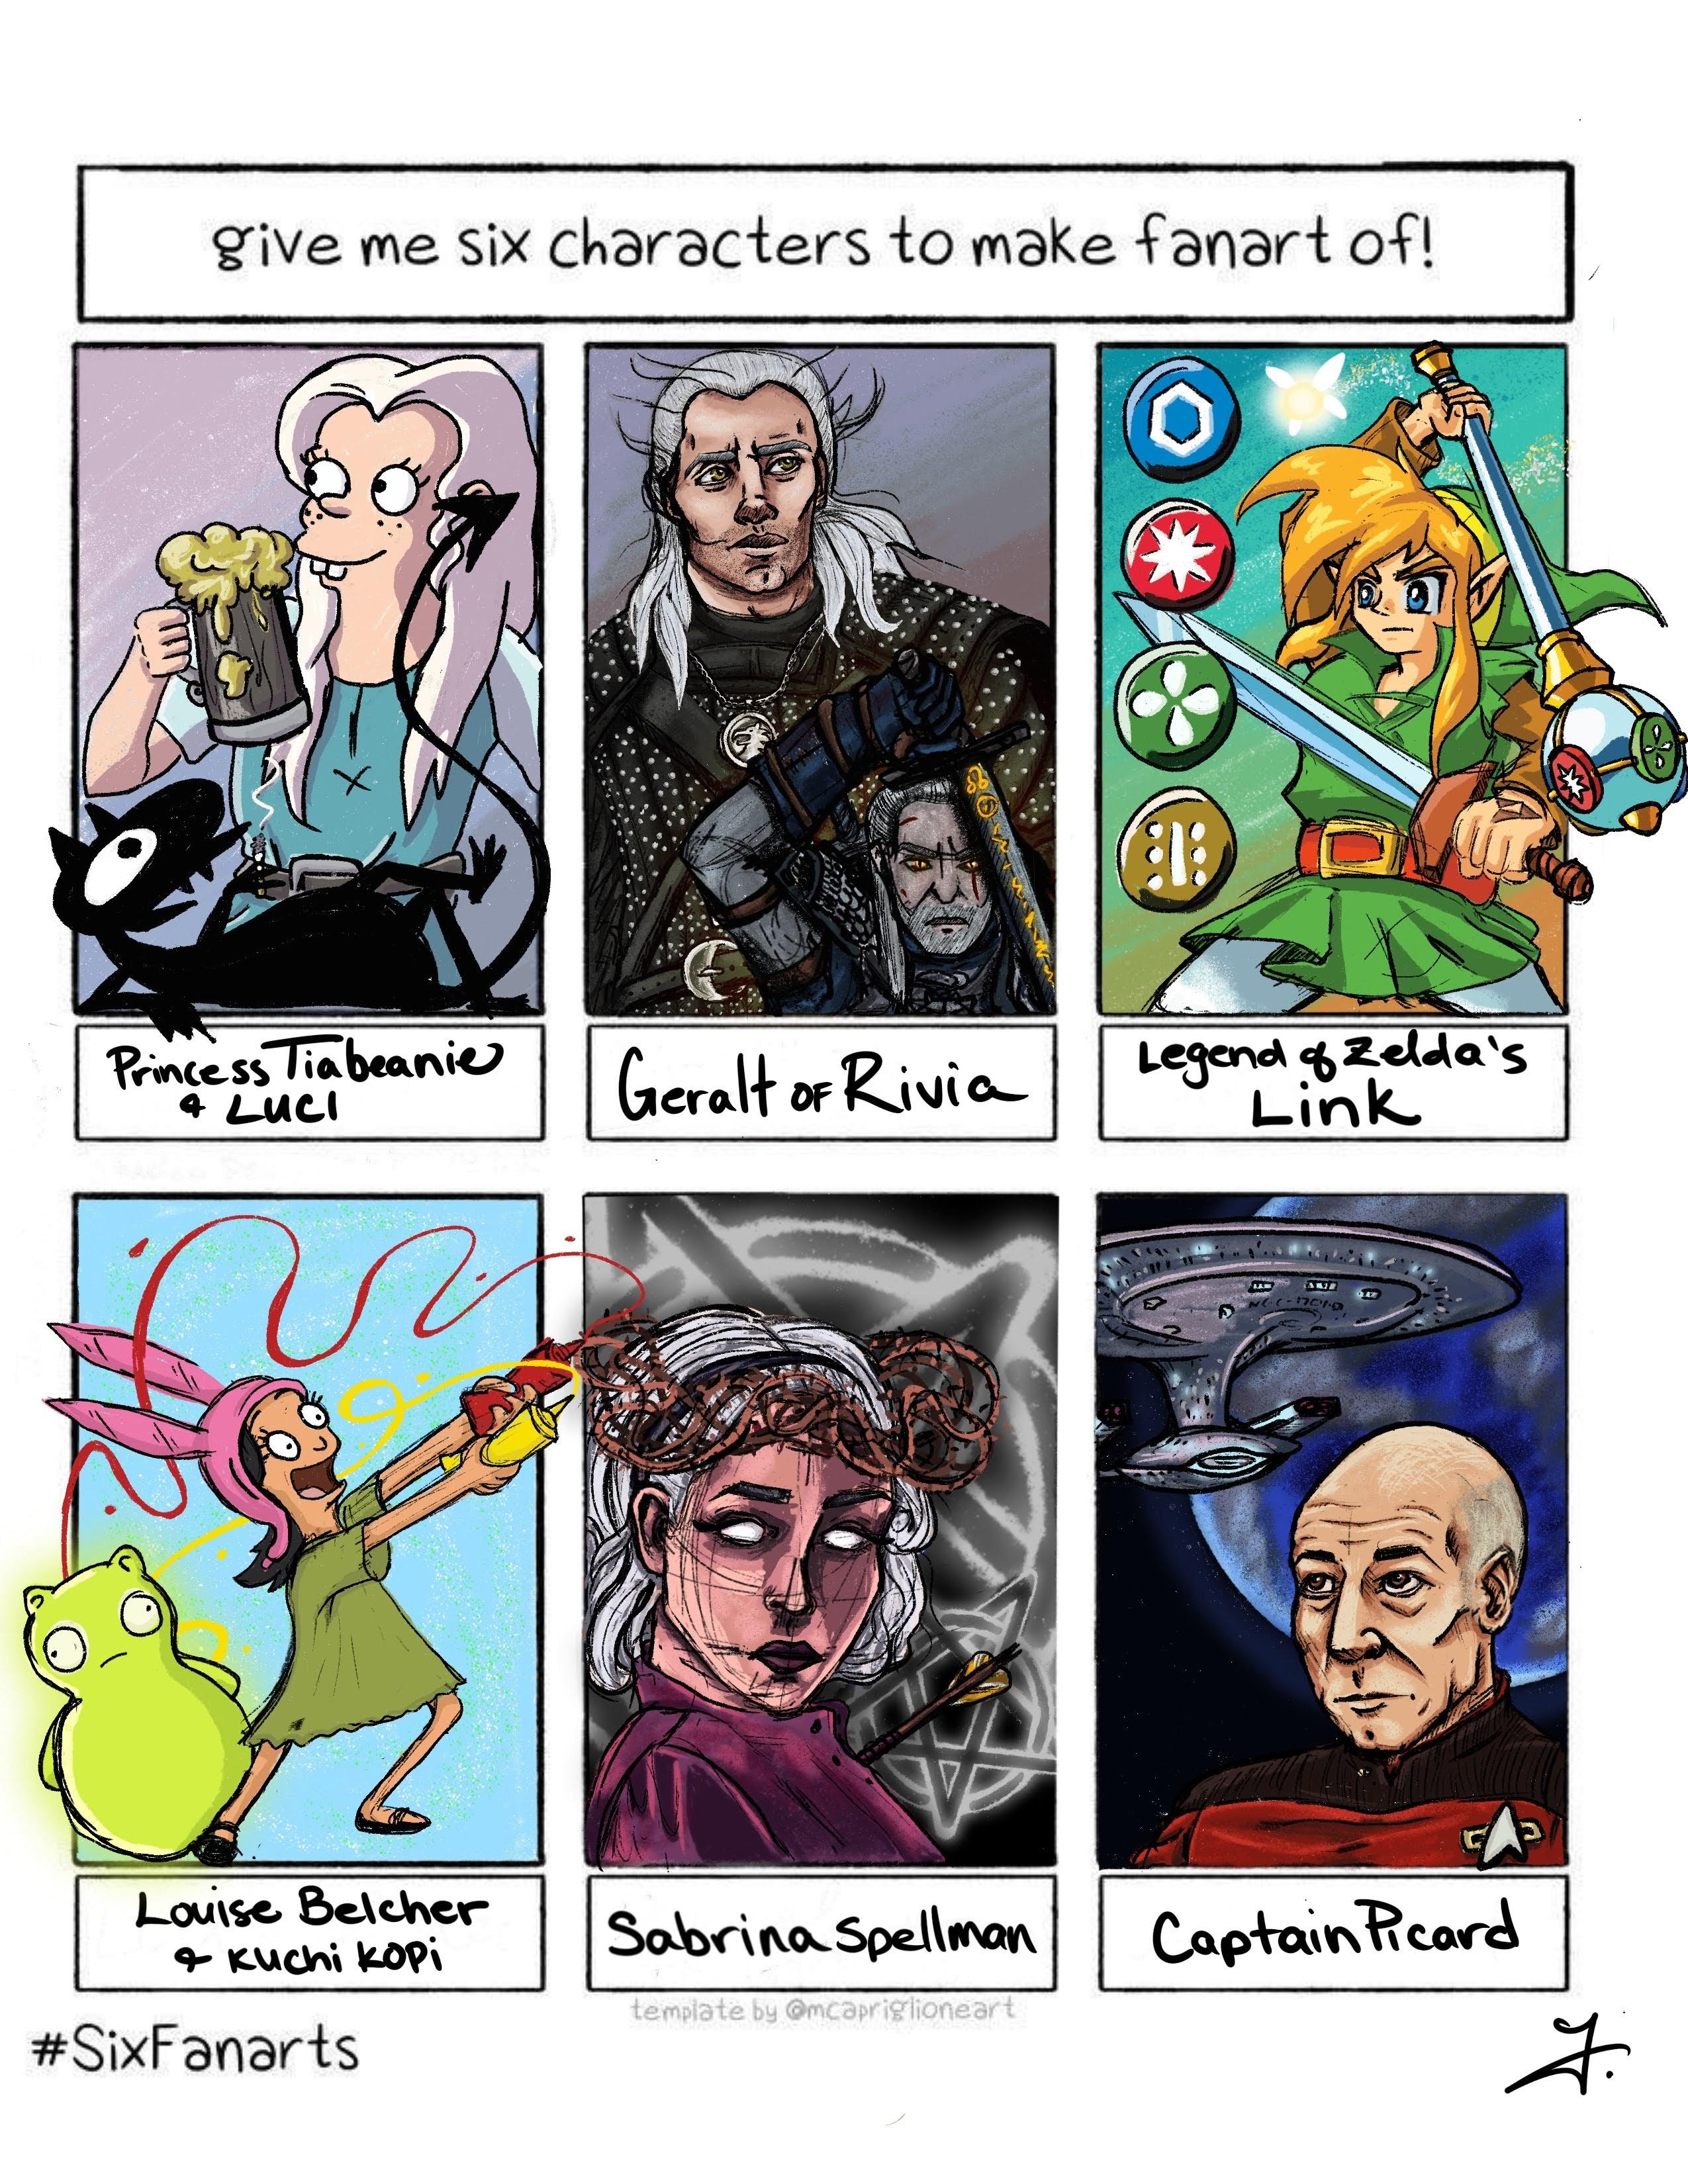 Six fan art characters in template